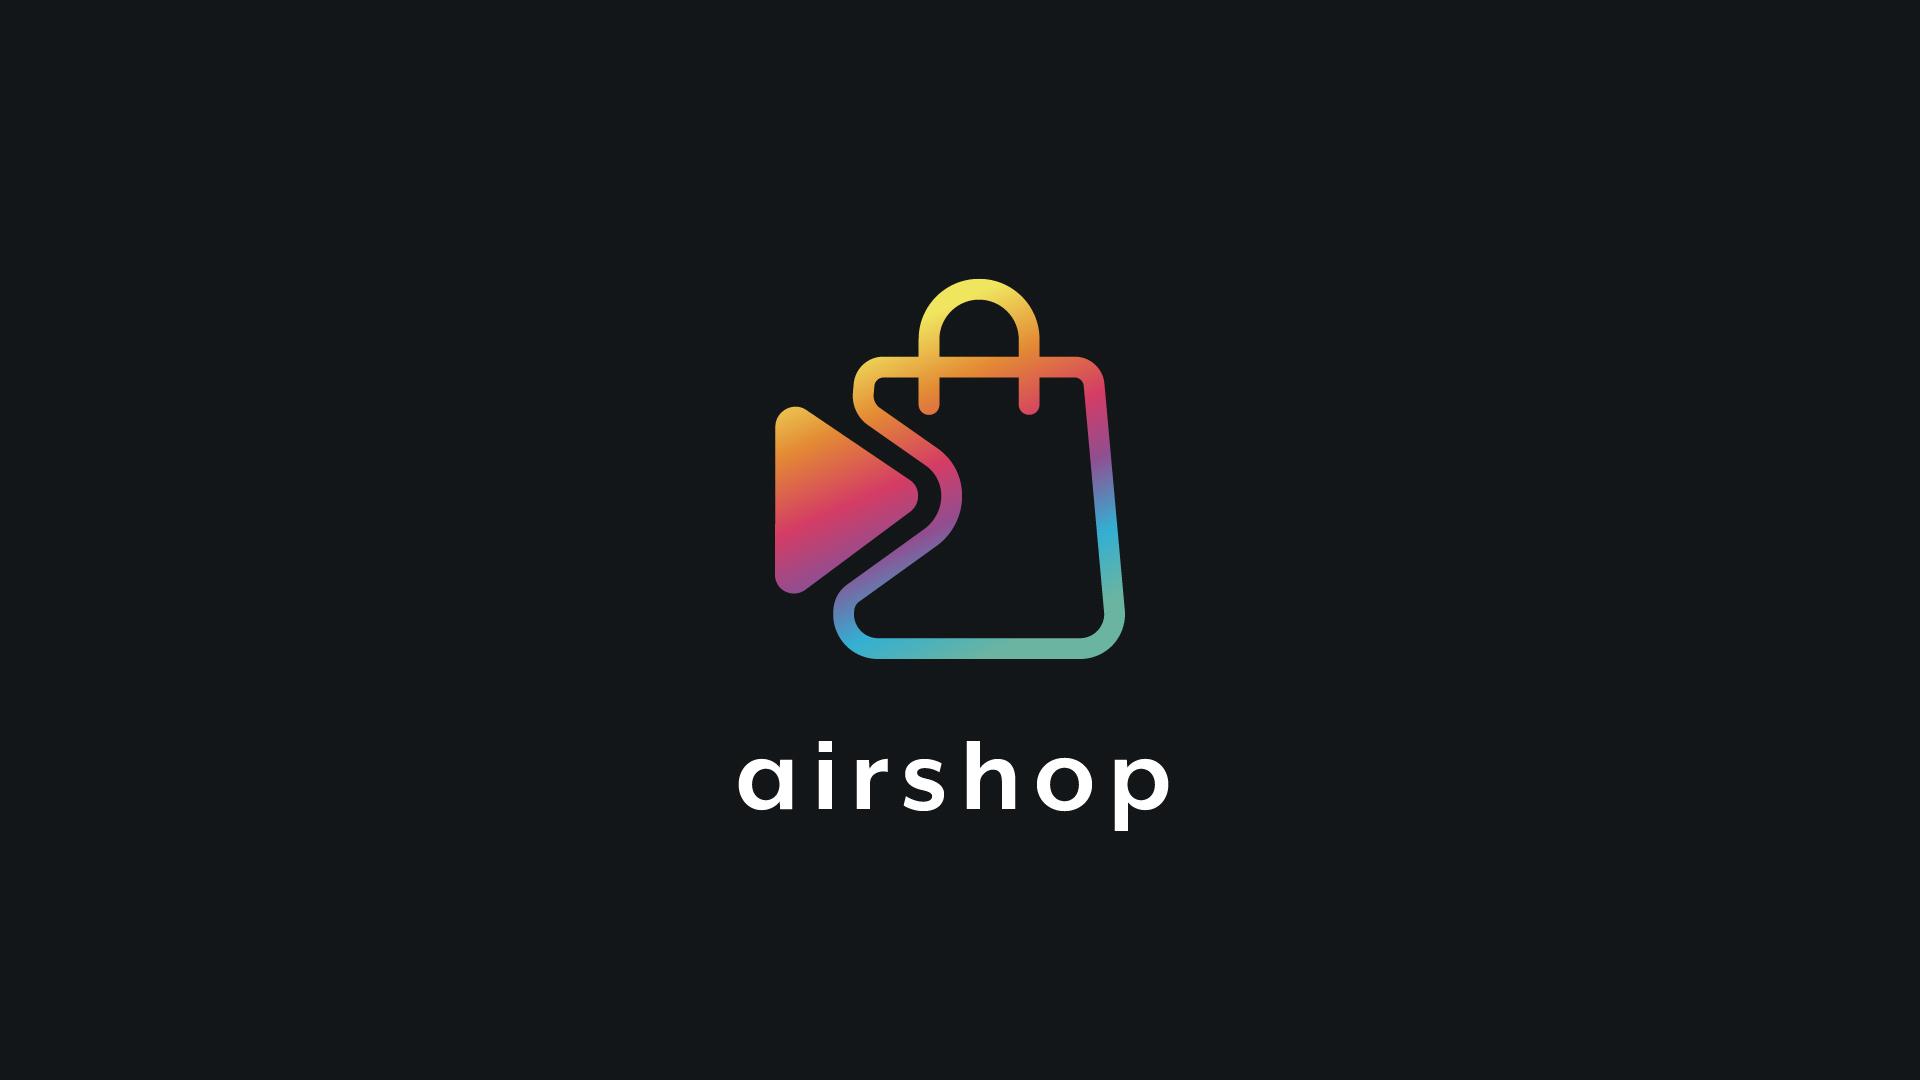 Airshop logo